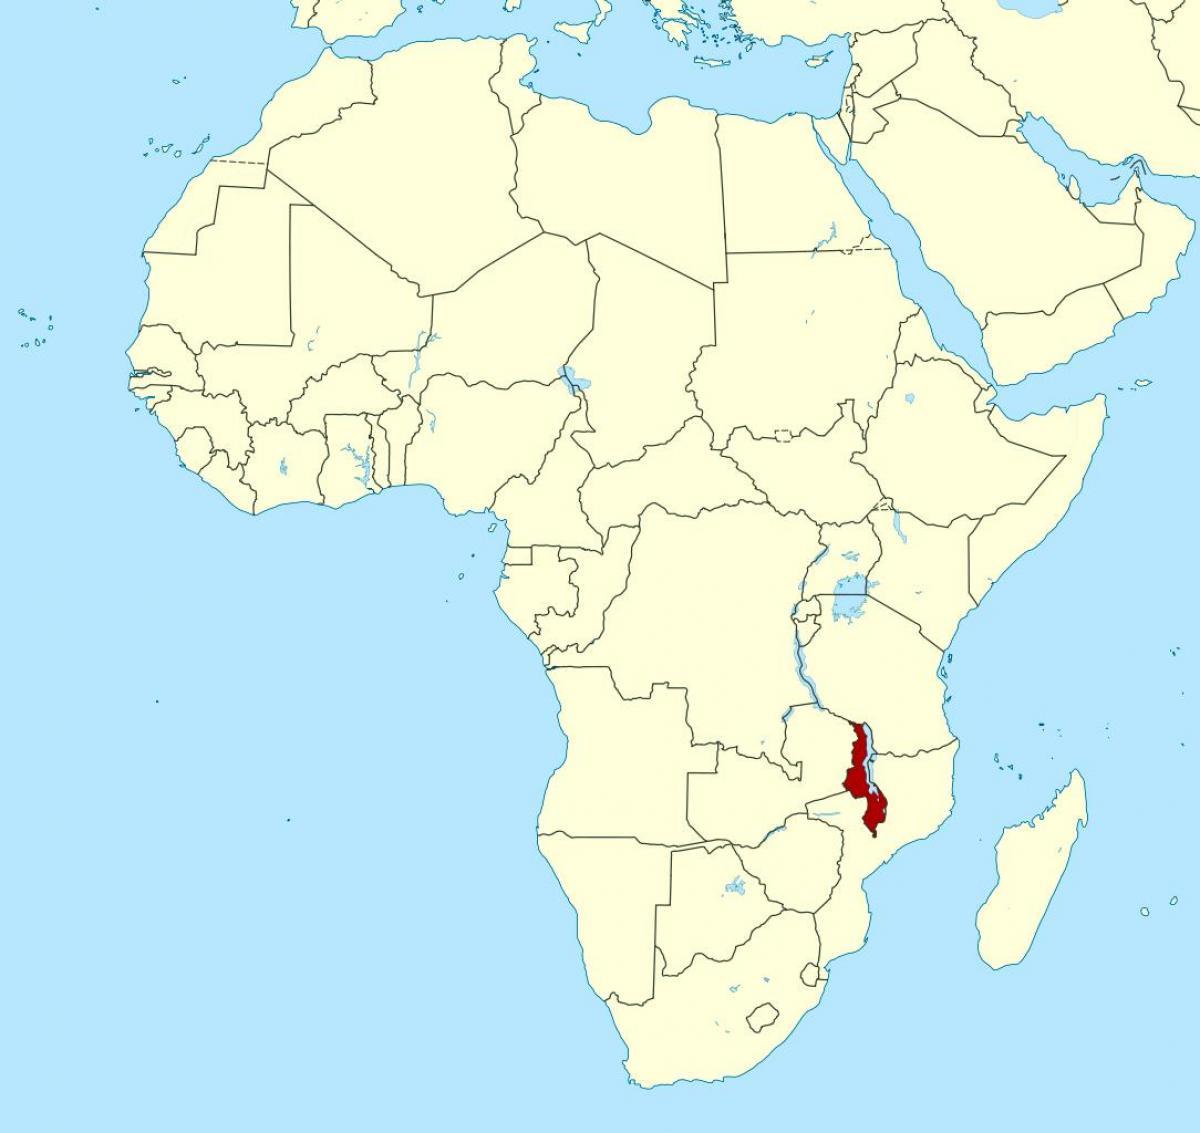 Cartina Mondo Orientale.Malawi Sulla Mappa Del Mondo Malawi Posizione Sulla Mappa Del Mondo Africa Orientale Africa